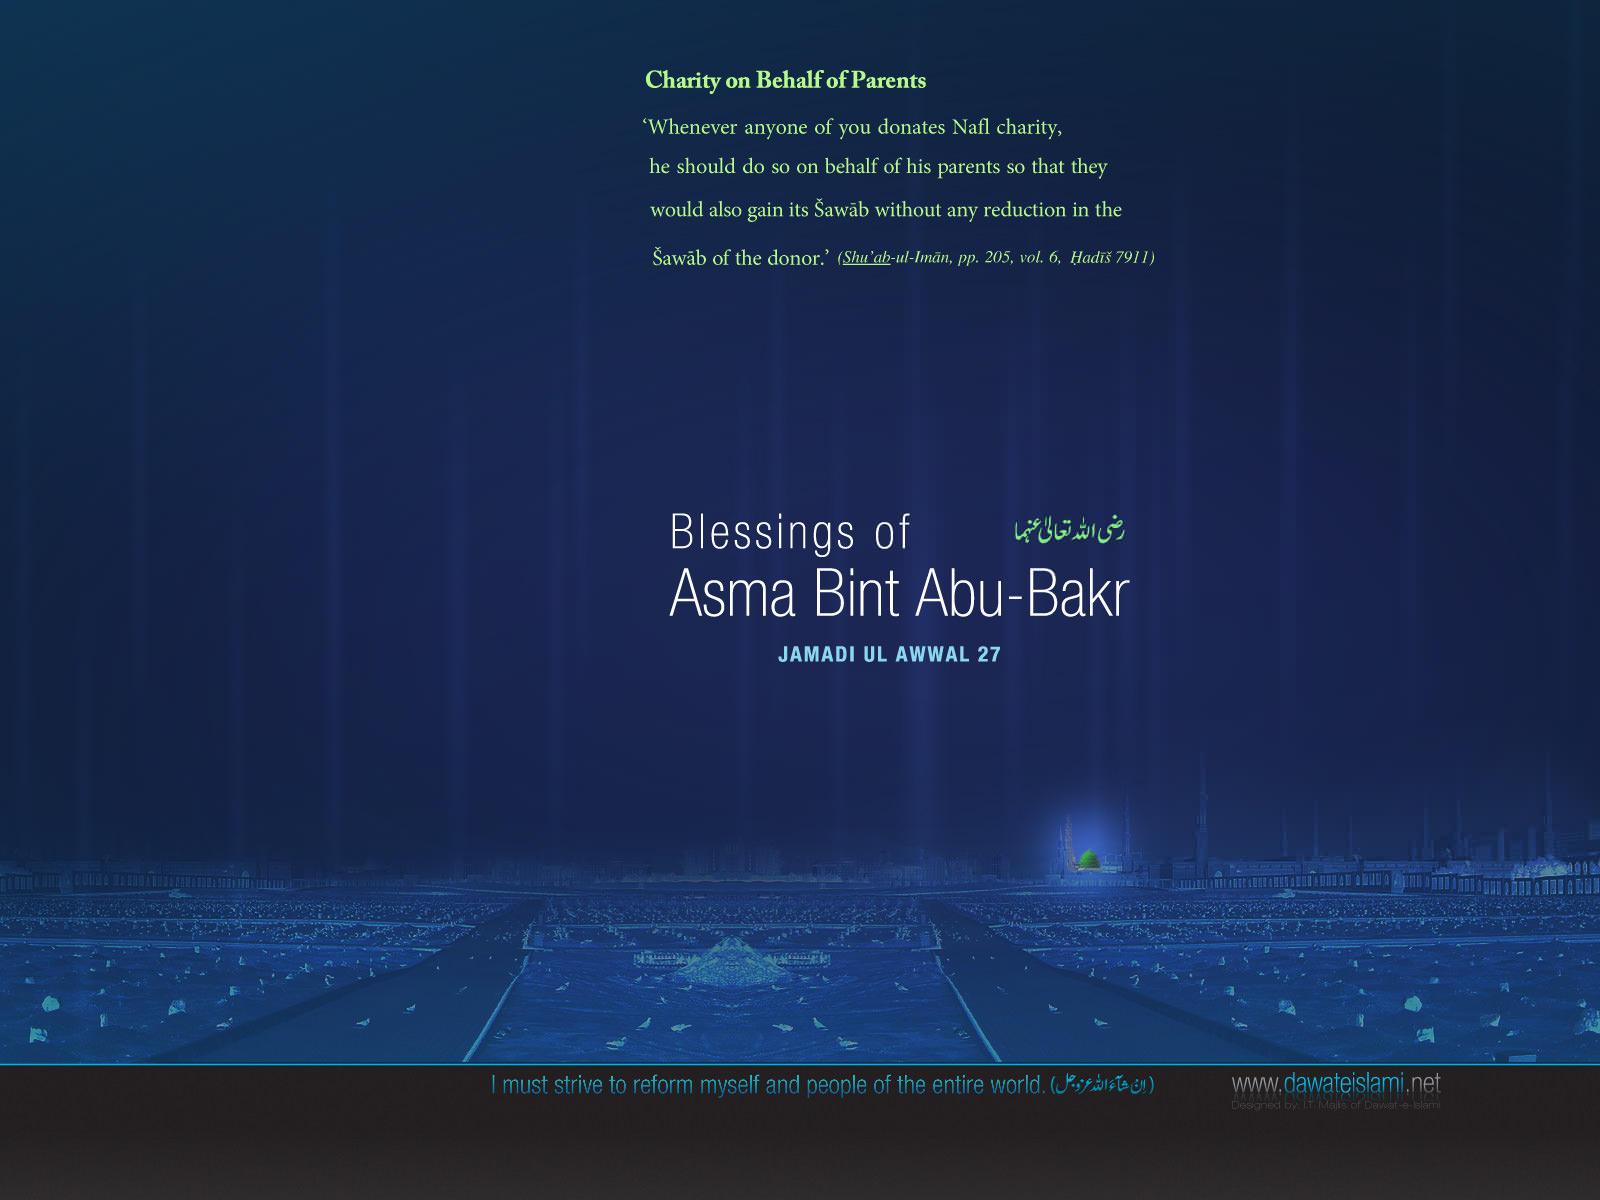 Wallpaper Blessings Of Asma Bint-e-Abu Bakr